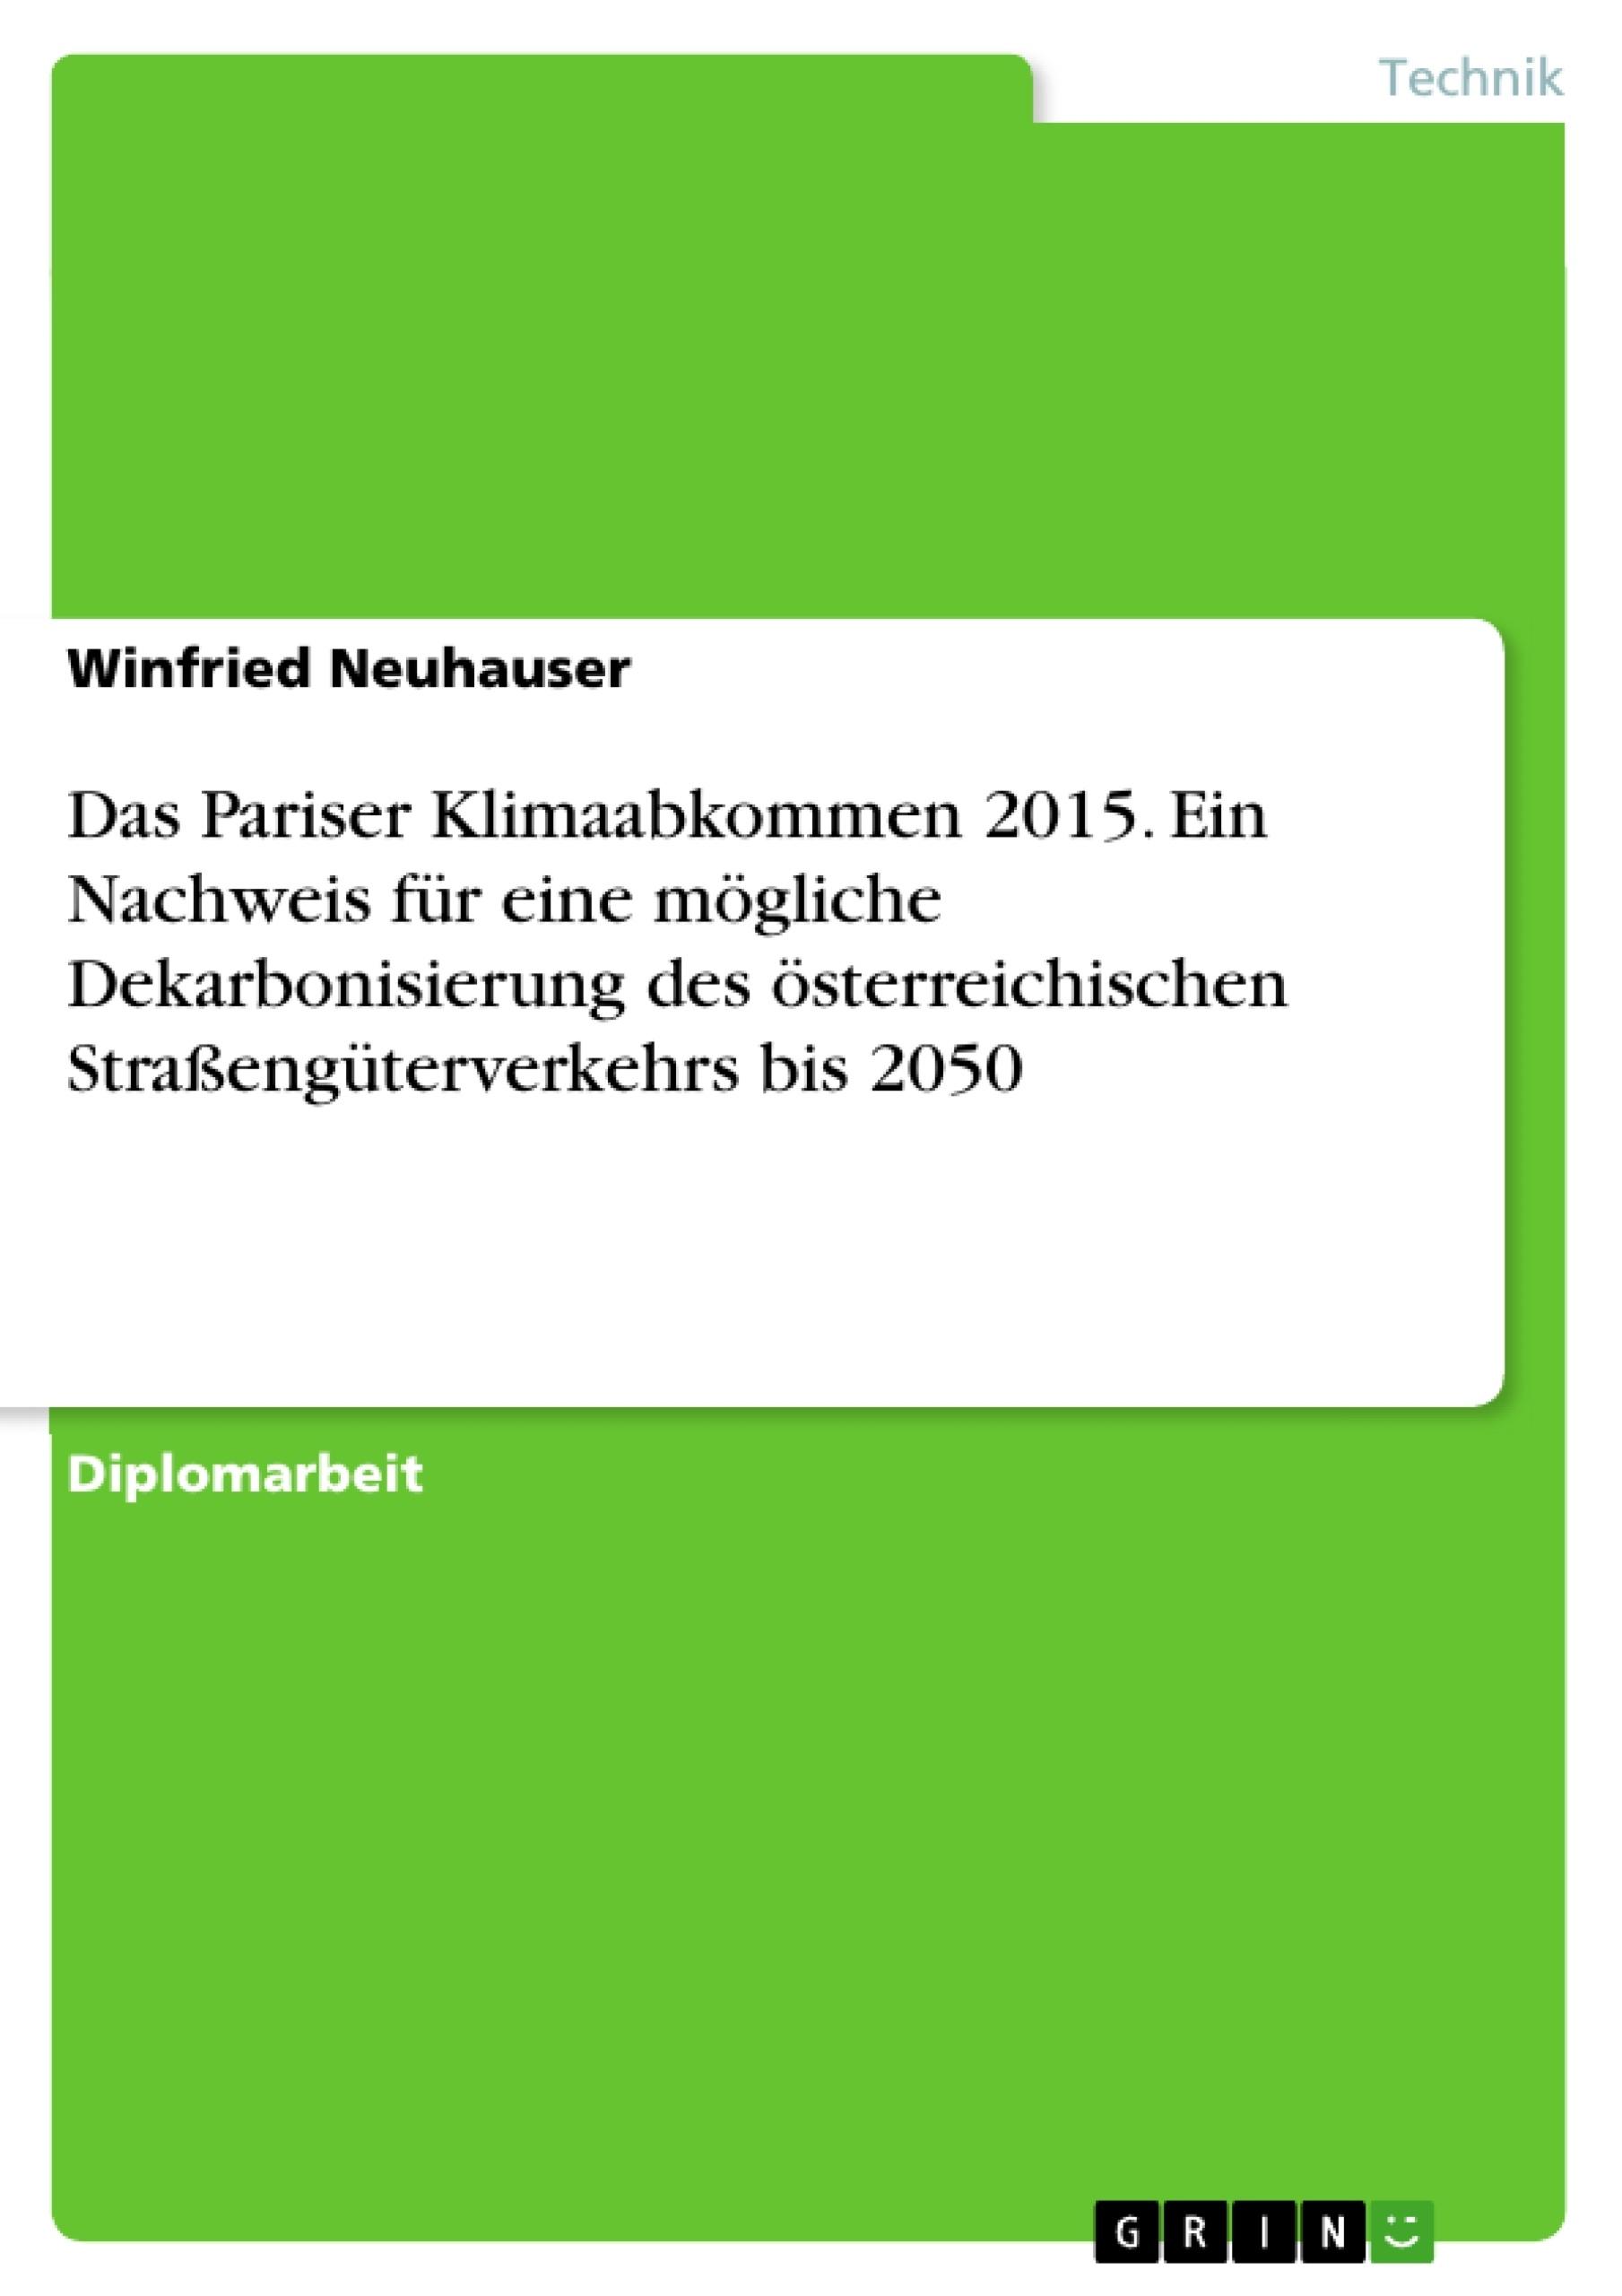 Titel: Das Pariser Klimaabkommen 2015. Ein Nachweis für eine mögliche Dekarbonisierung des österreichischen Straßengüterverkehrs bis 2050